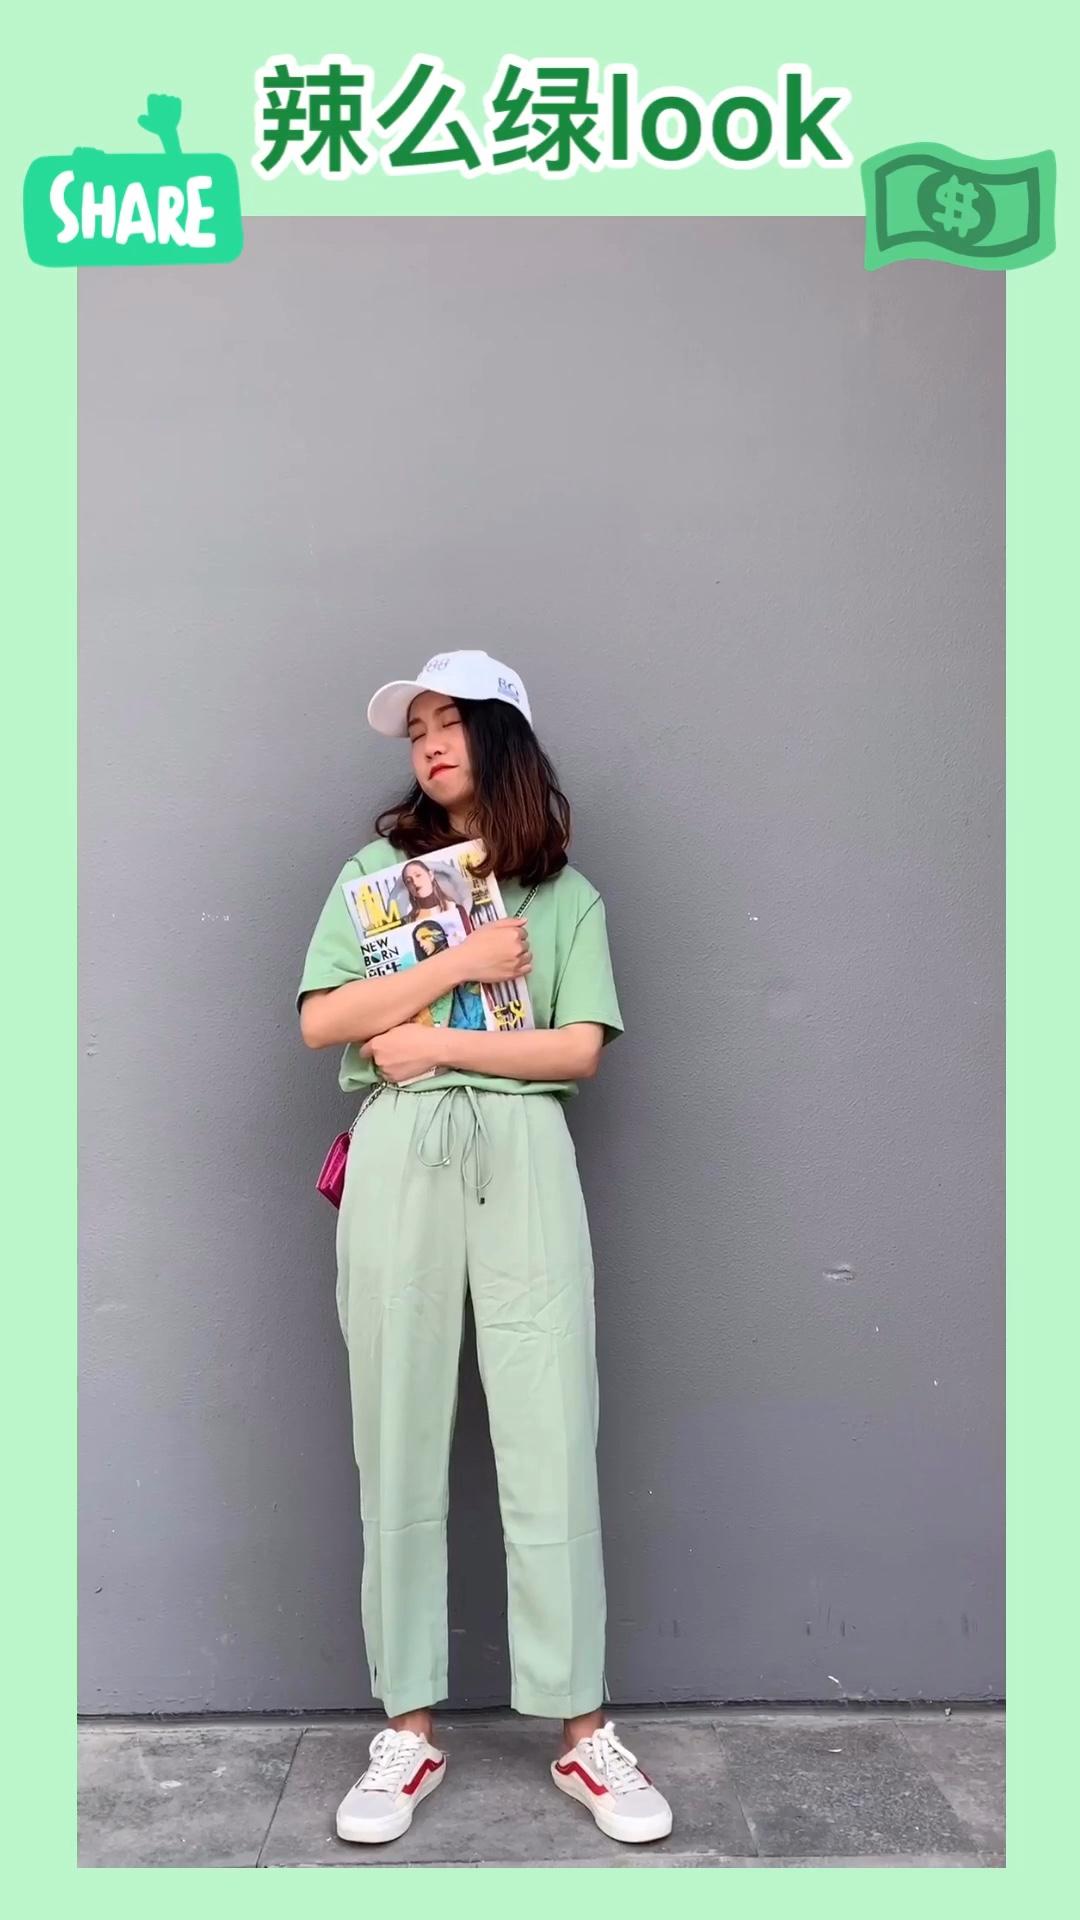 """#夏日消暑解热要靠""""绿""""# 风格百变的学生党穿搭✨ 辣么绿look 我真的太爱绿色了 买了很多绿色的衣服 绿色的短袖搭配绿色的裤子 清凉搭配很亮眼 玫粉色的小包包增加亮点和色彩感 帆布鞋和棒球棒更加的学生活力风! 希望学生党妹子们美美哒 我们一起学穿搭呀❤️"""